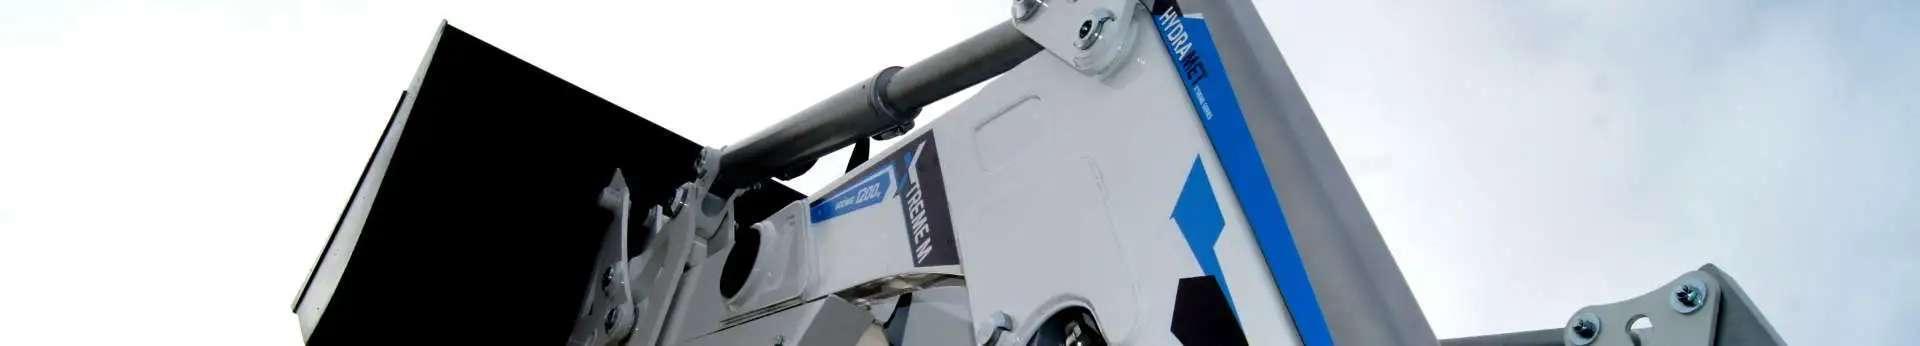 Zdjęcie przedstawiajace ładowacz czołowy Hydramet Xtreme M, sprzedawany przez korbanek.pl.